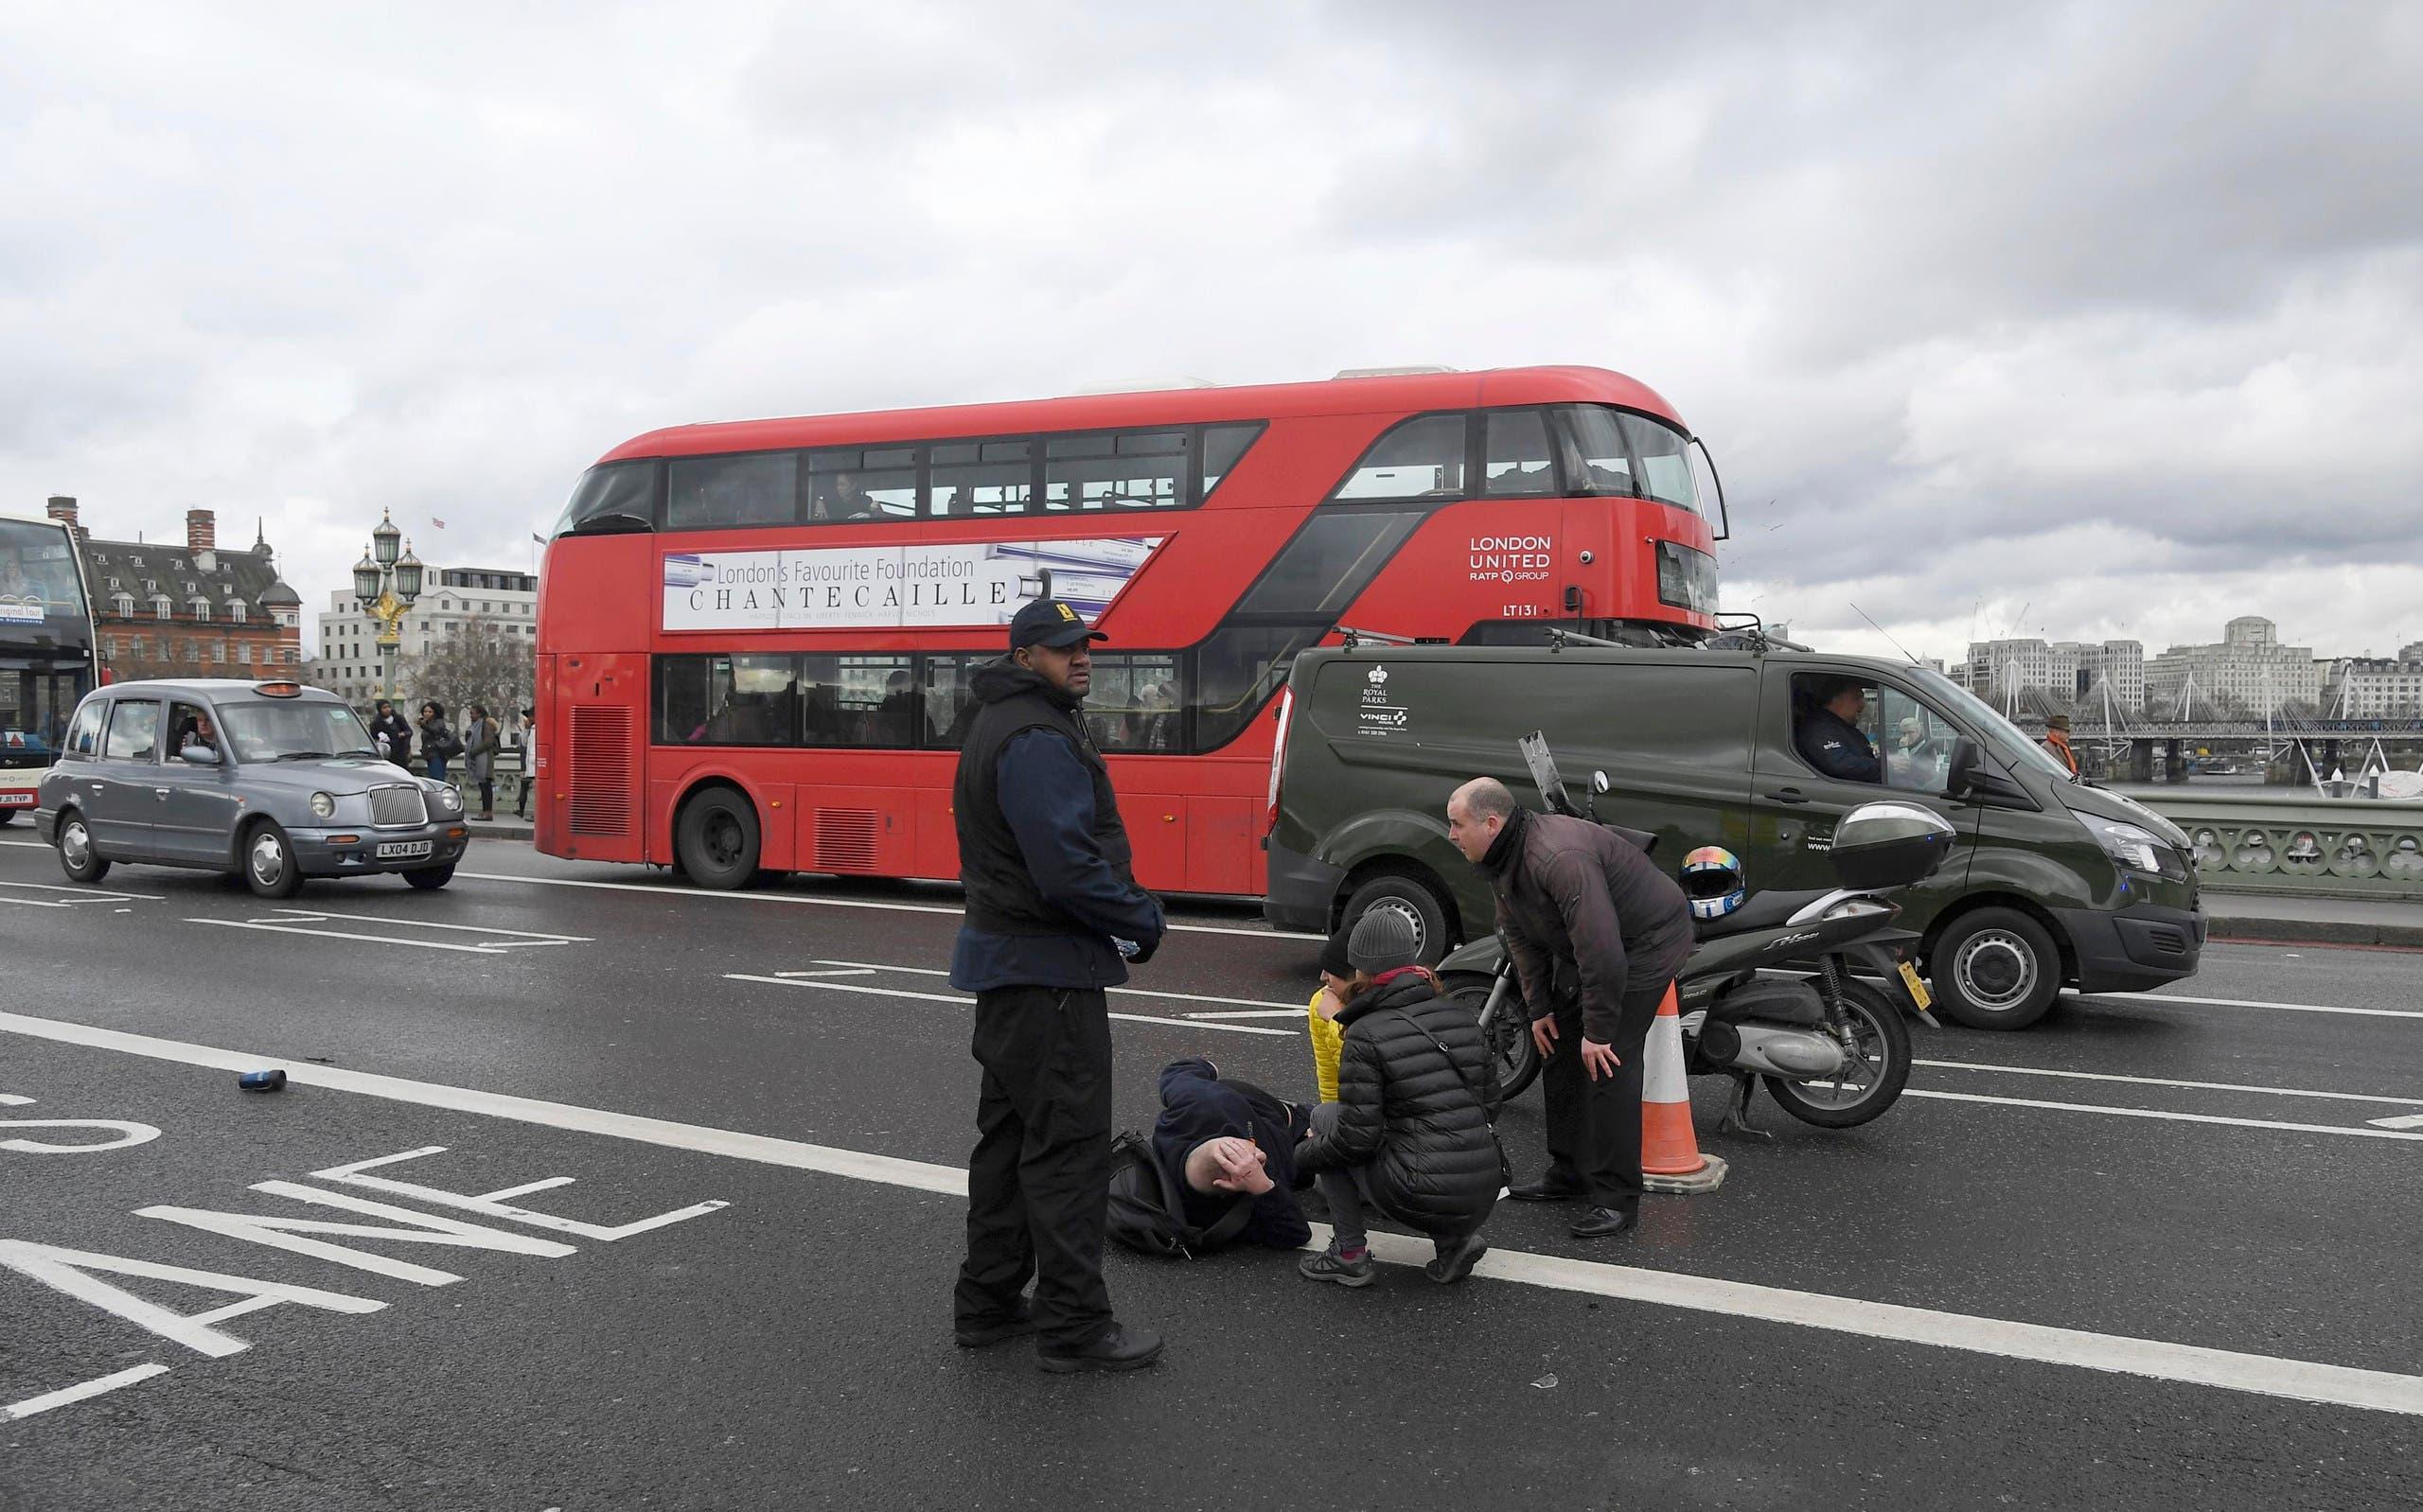 هجوم البرلمان البريطاني لندن ويستمنستر